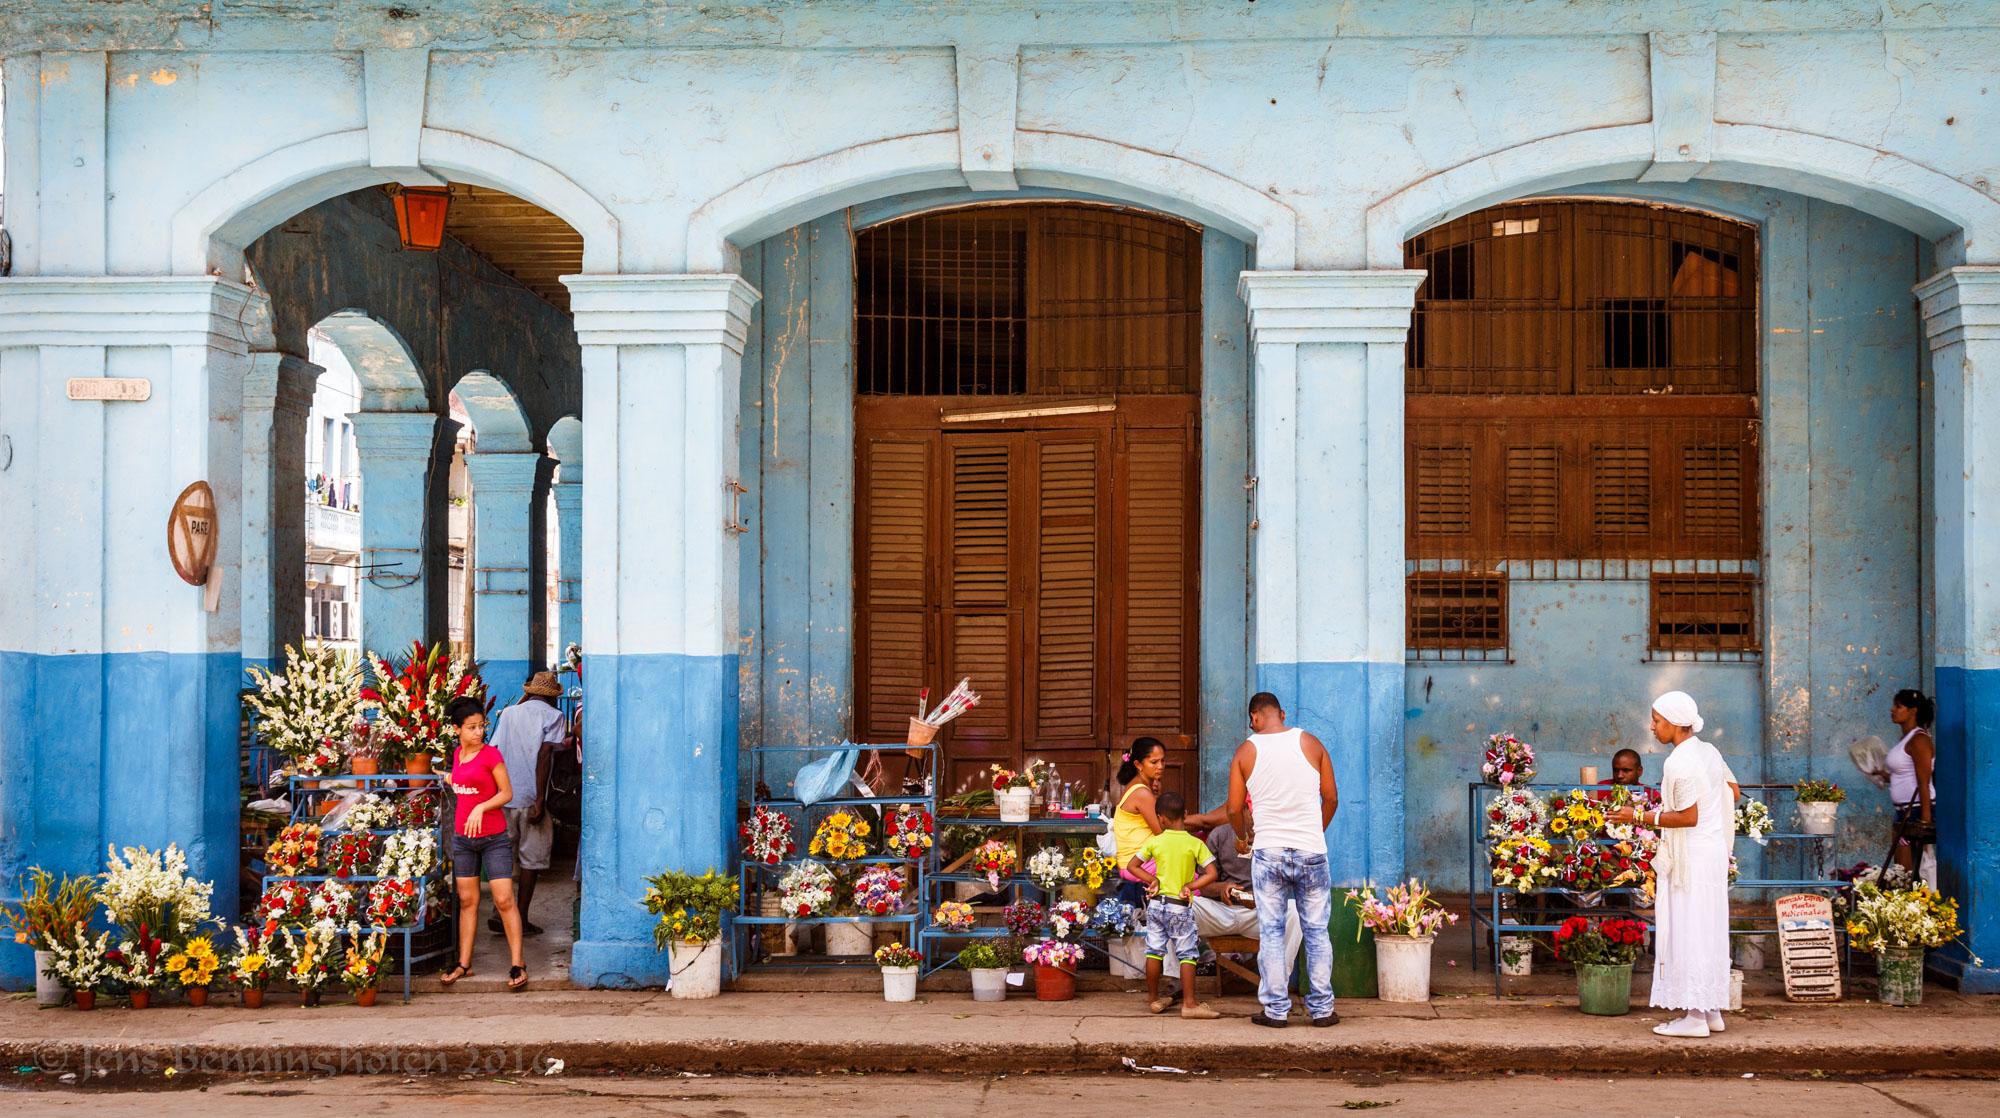 20140329_Kuba_0005-3